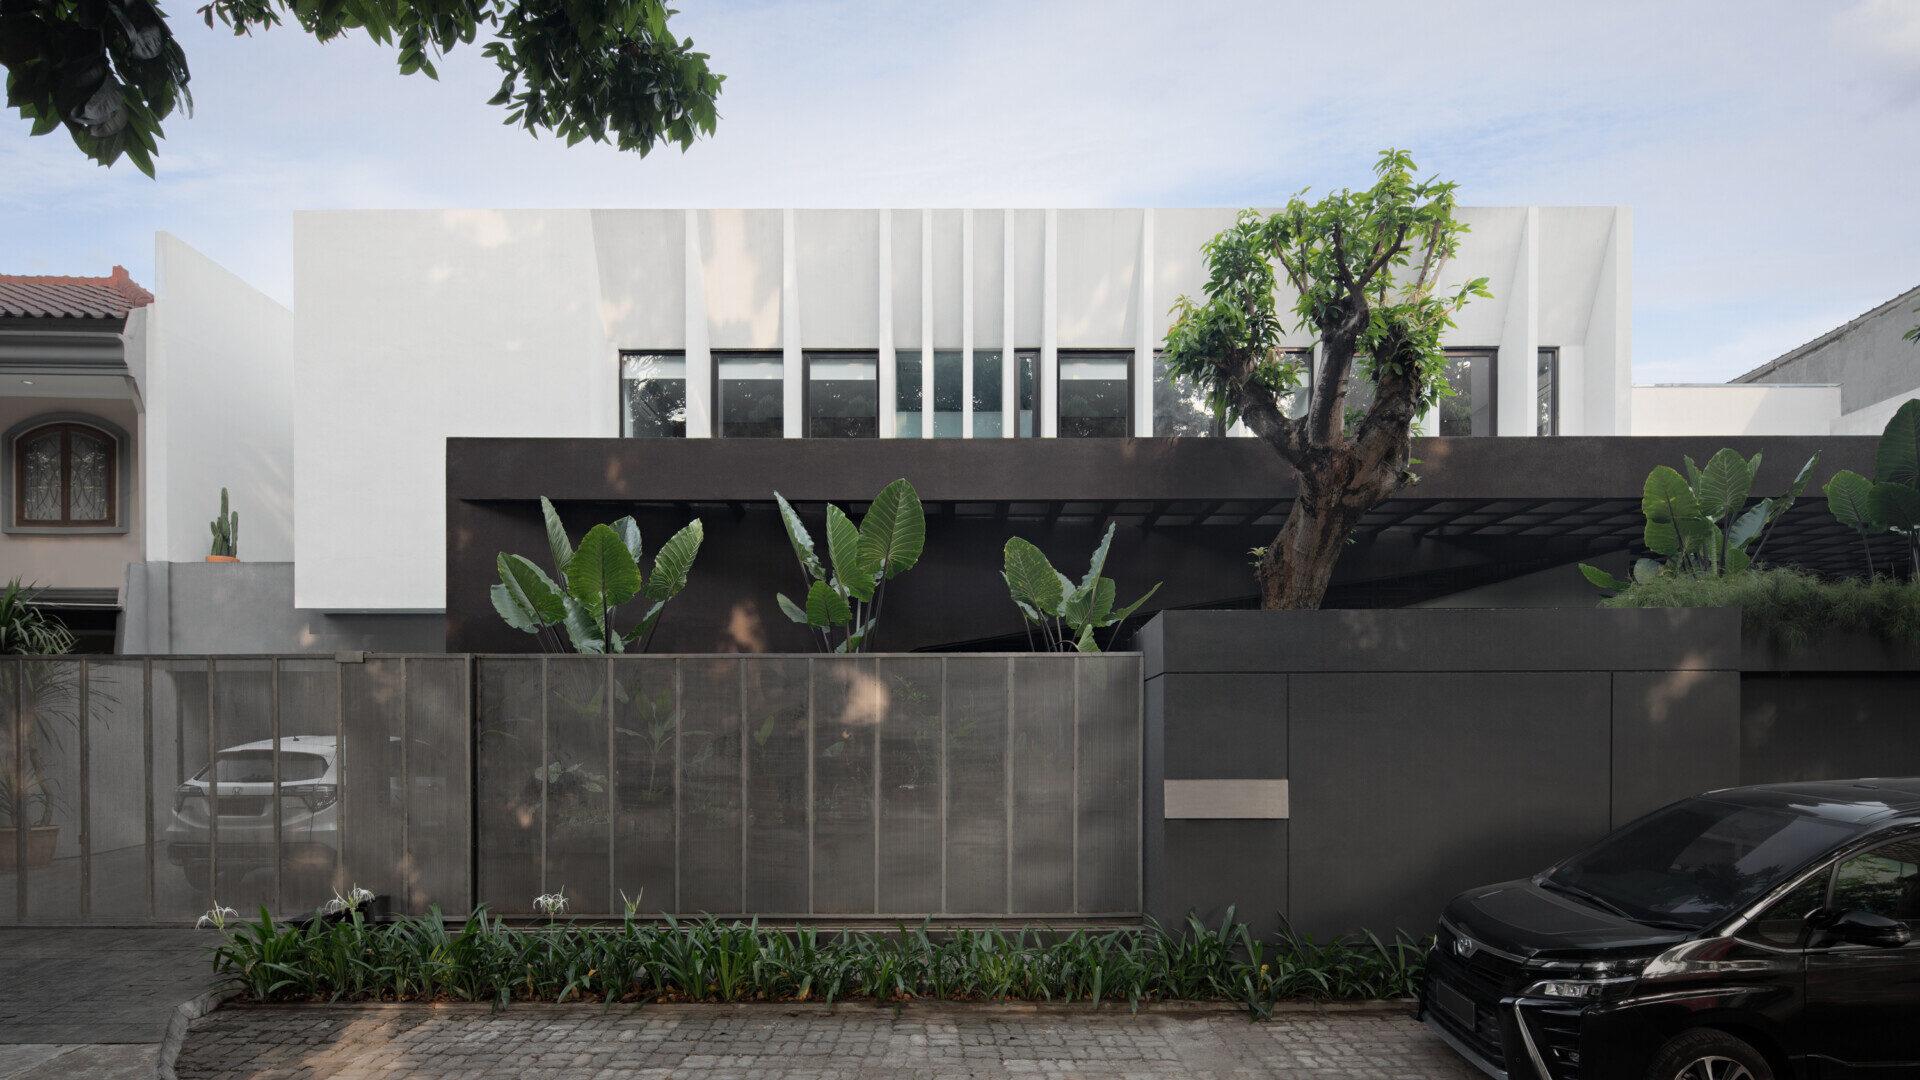 Rumah RifBagus - Image 3